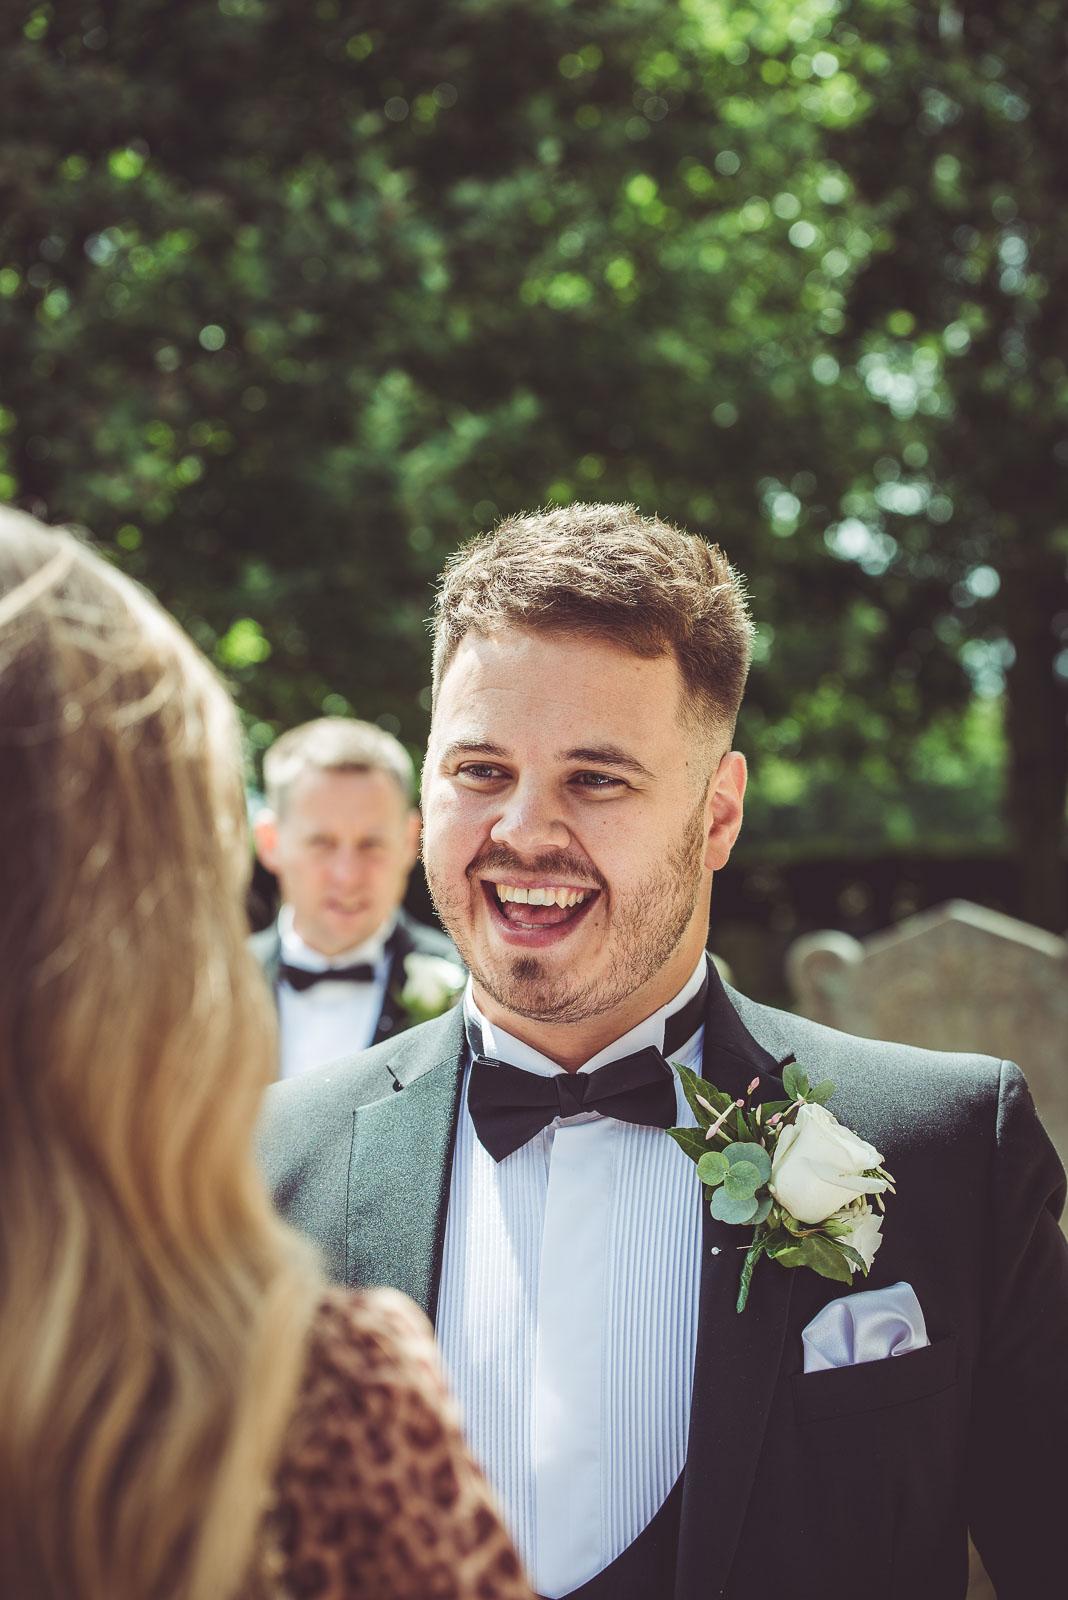 Lutonhoo-wedding-Bedfordshire-Datchworth-Tewinburyfarm-45.jpg